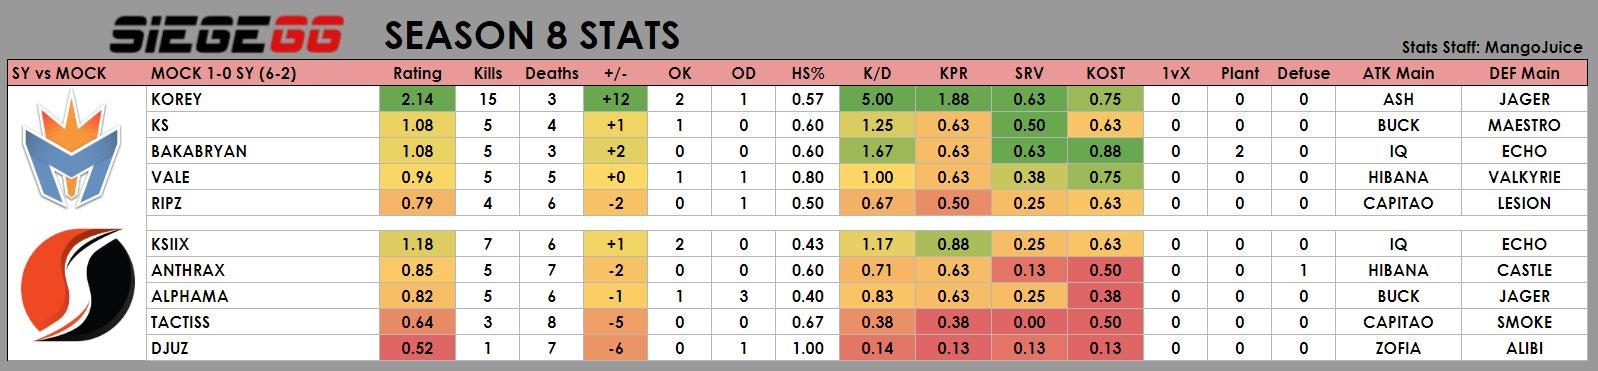 Statistics for the Mockit vs Supremacy game